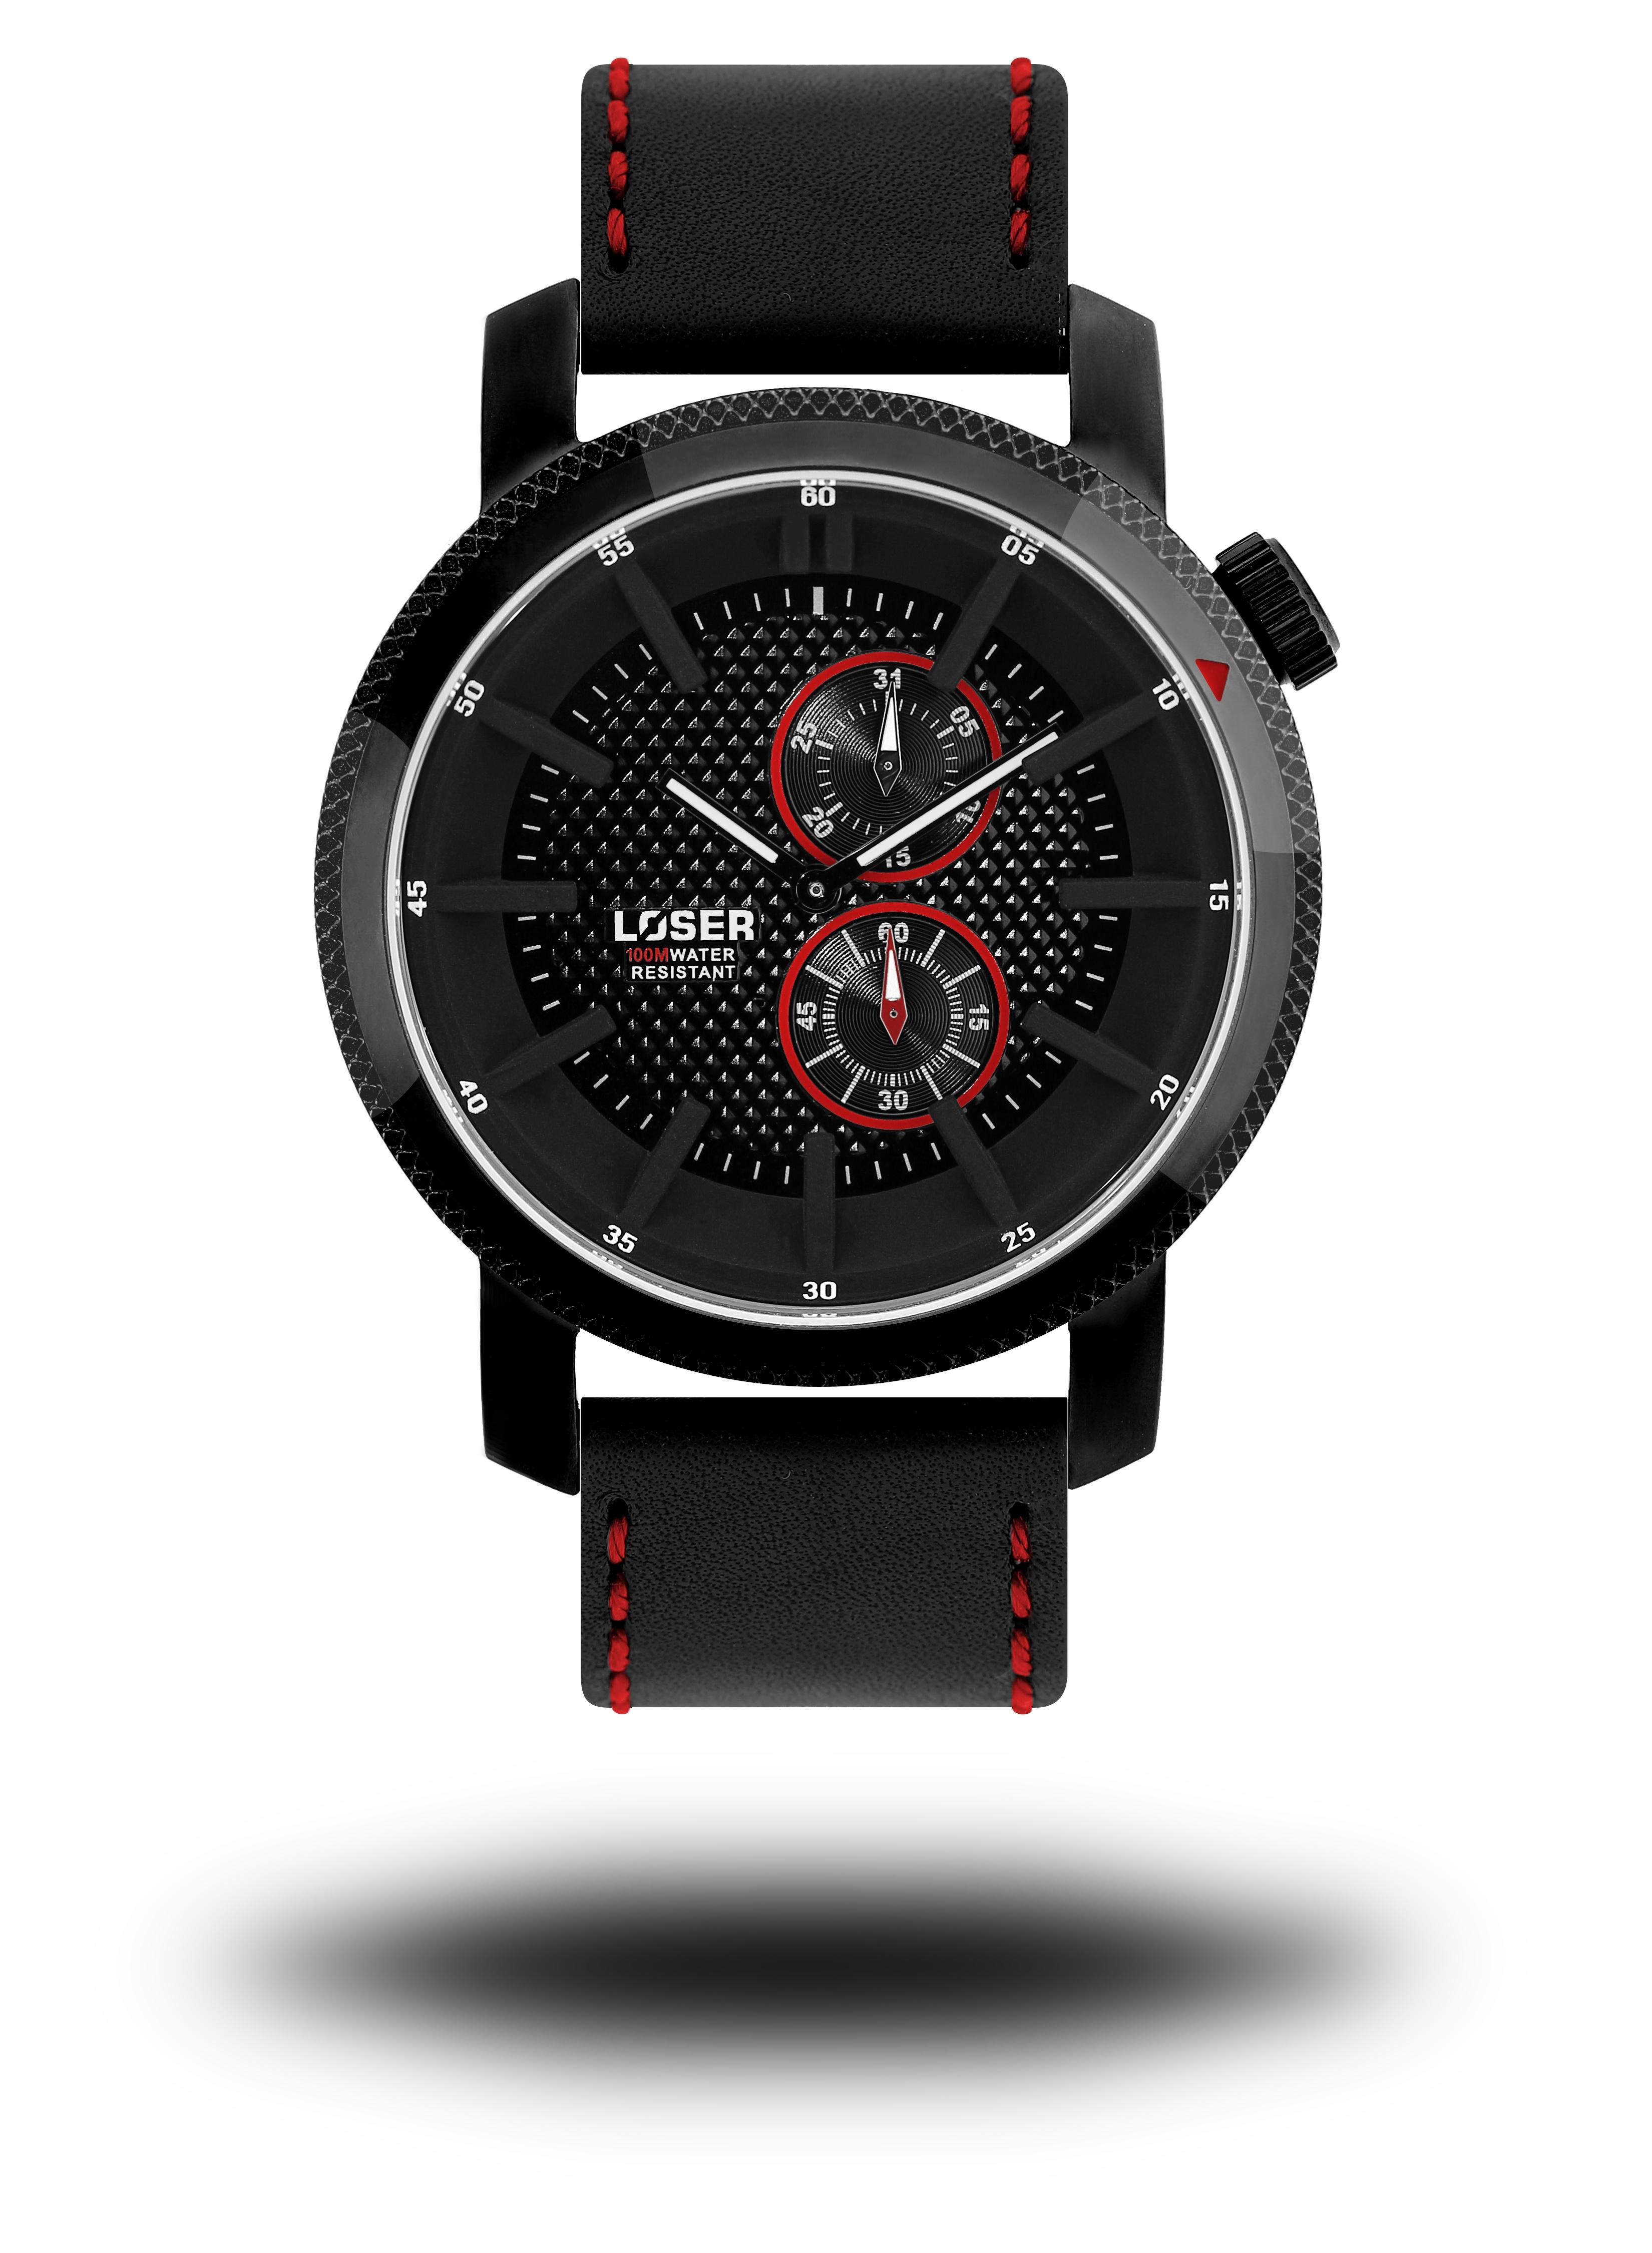 Luxusní nadčasové vodotěsné hodinky LOSER Infinity PHANTOM (POŠTOVNÉ ZDARMA!!)